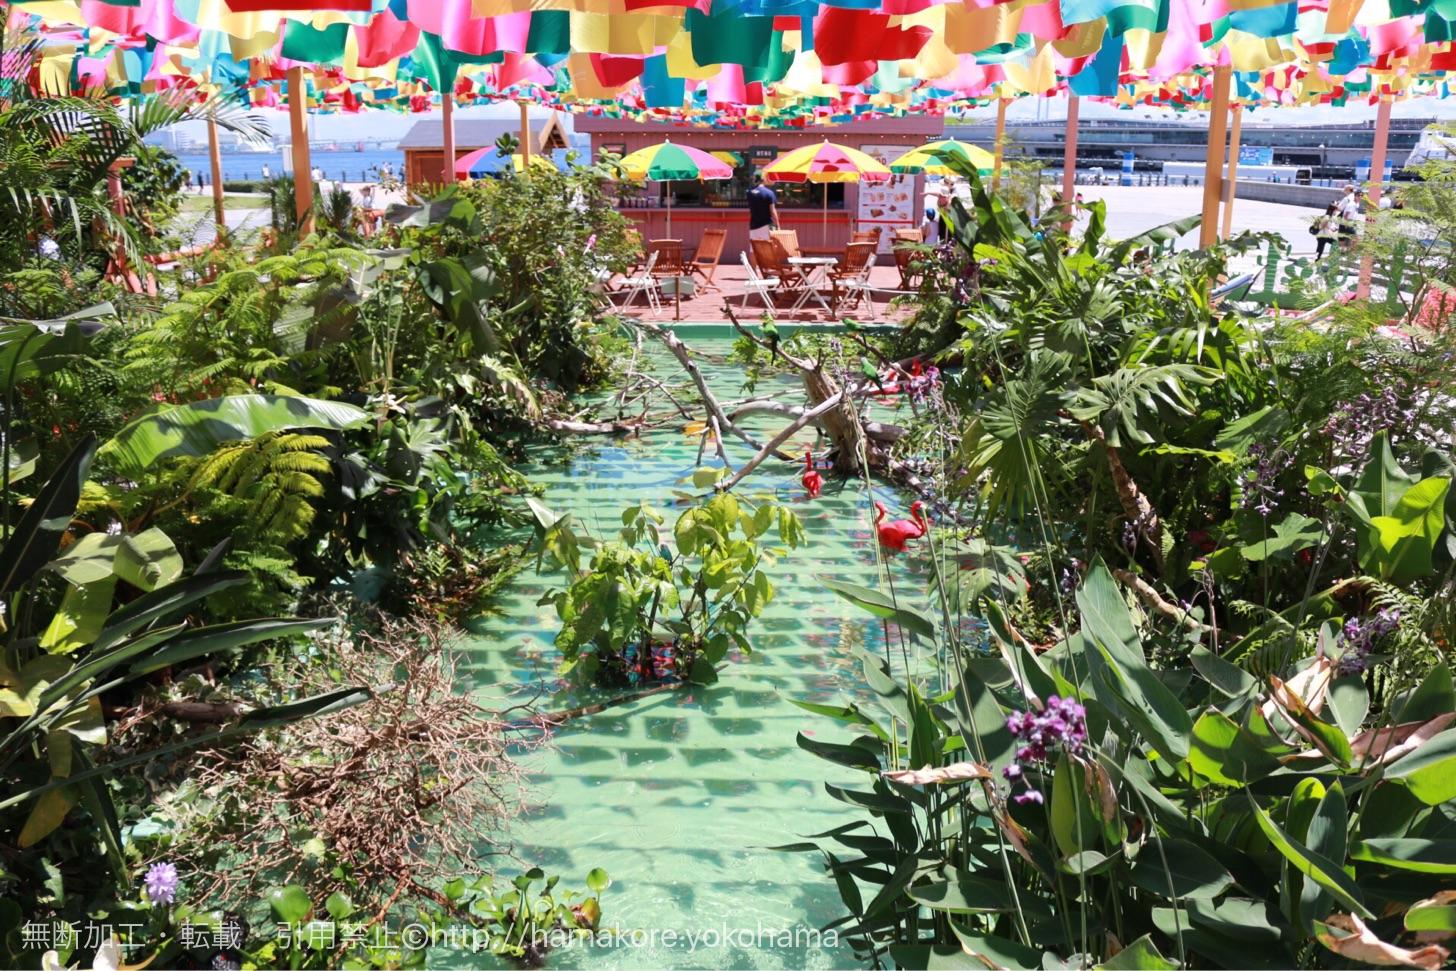 アマゾン川をイメージした水辺